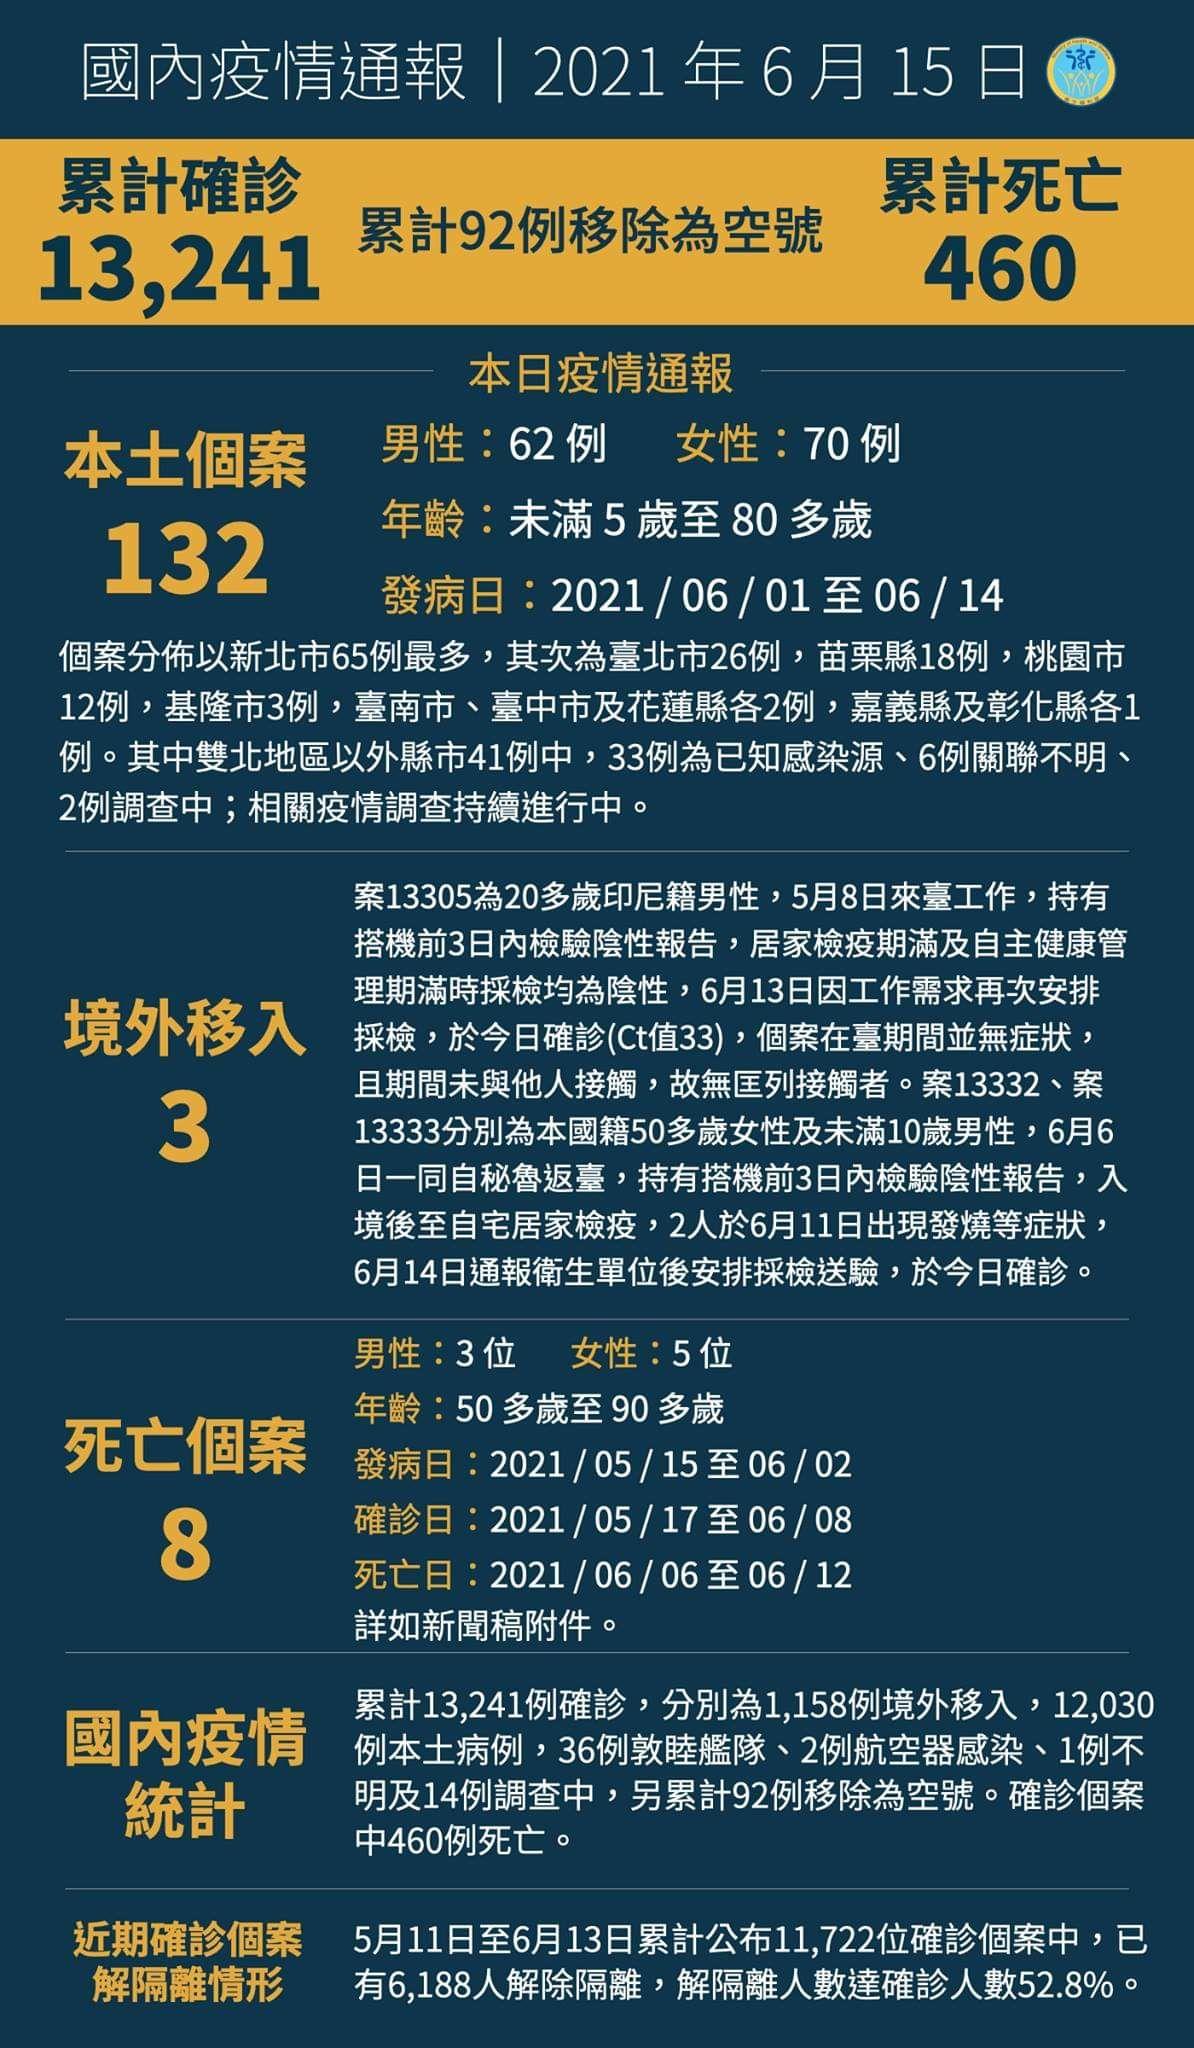 6/15新增本土個案人132人、死亡8人。 @蹦啾♥謝蘿莉 La vie heureuse